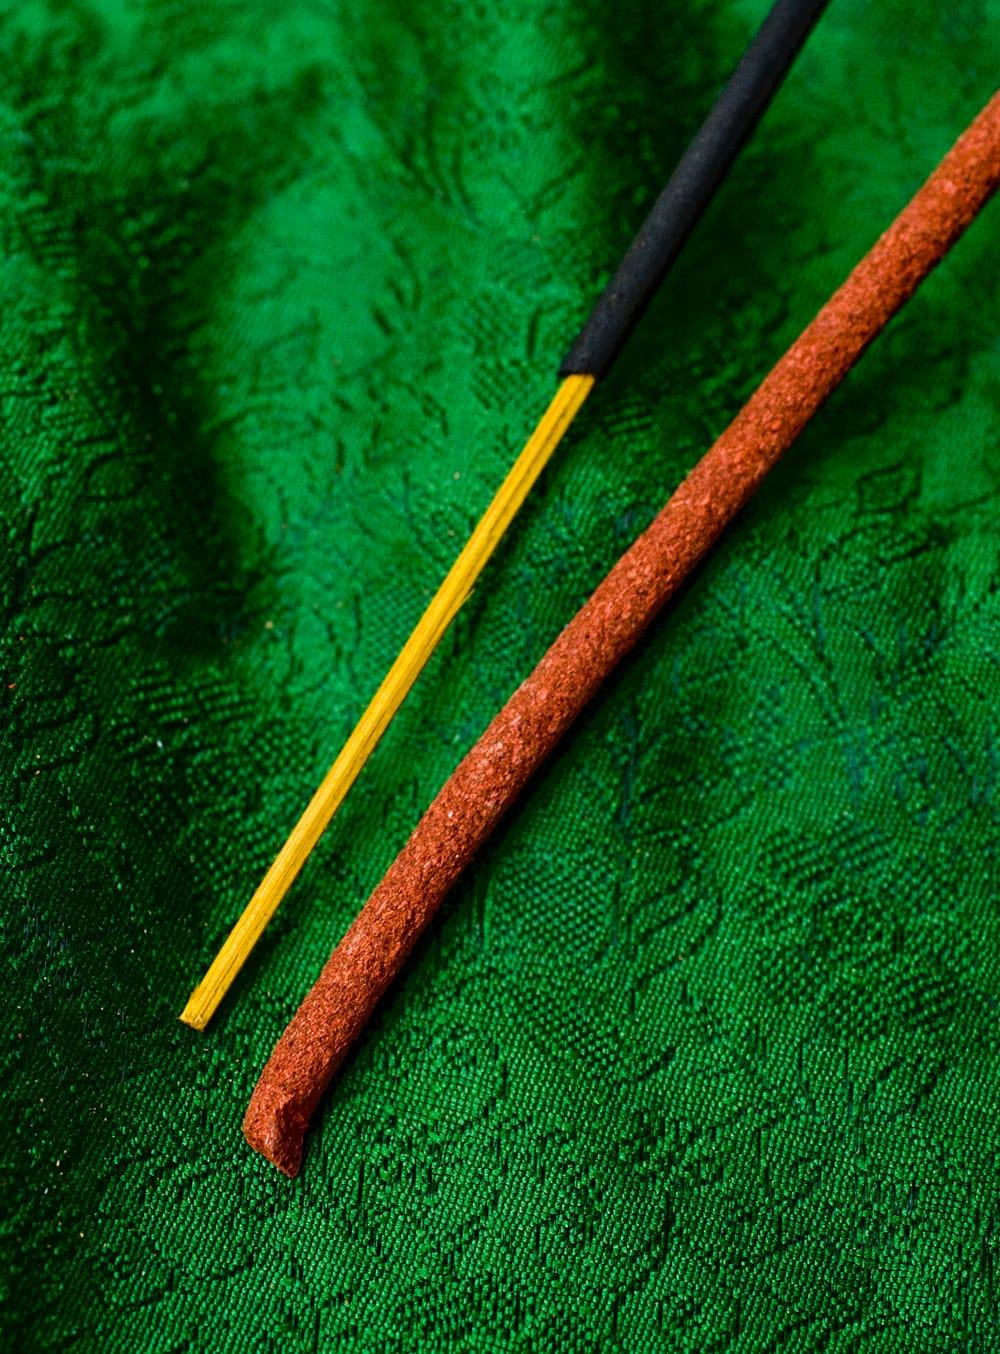 Tibetan Meditation Incense-チベタンメディテーション香 4 - チベット香なので、太めの穴が開いているお香立てをご利用ください。